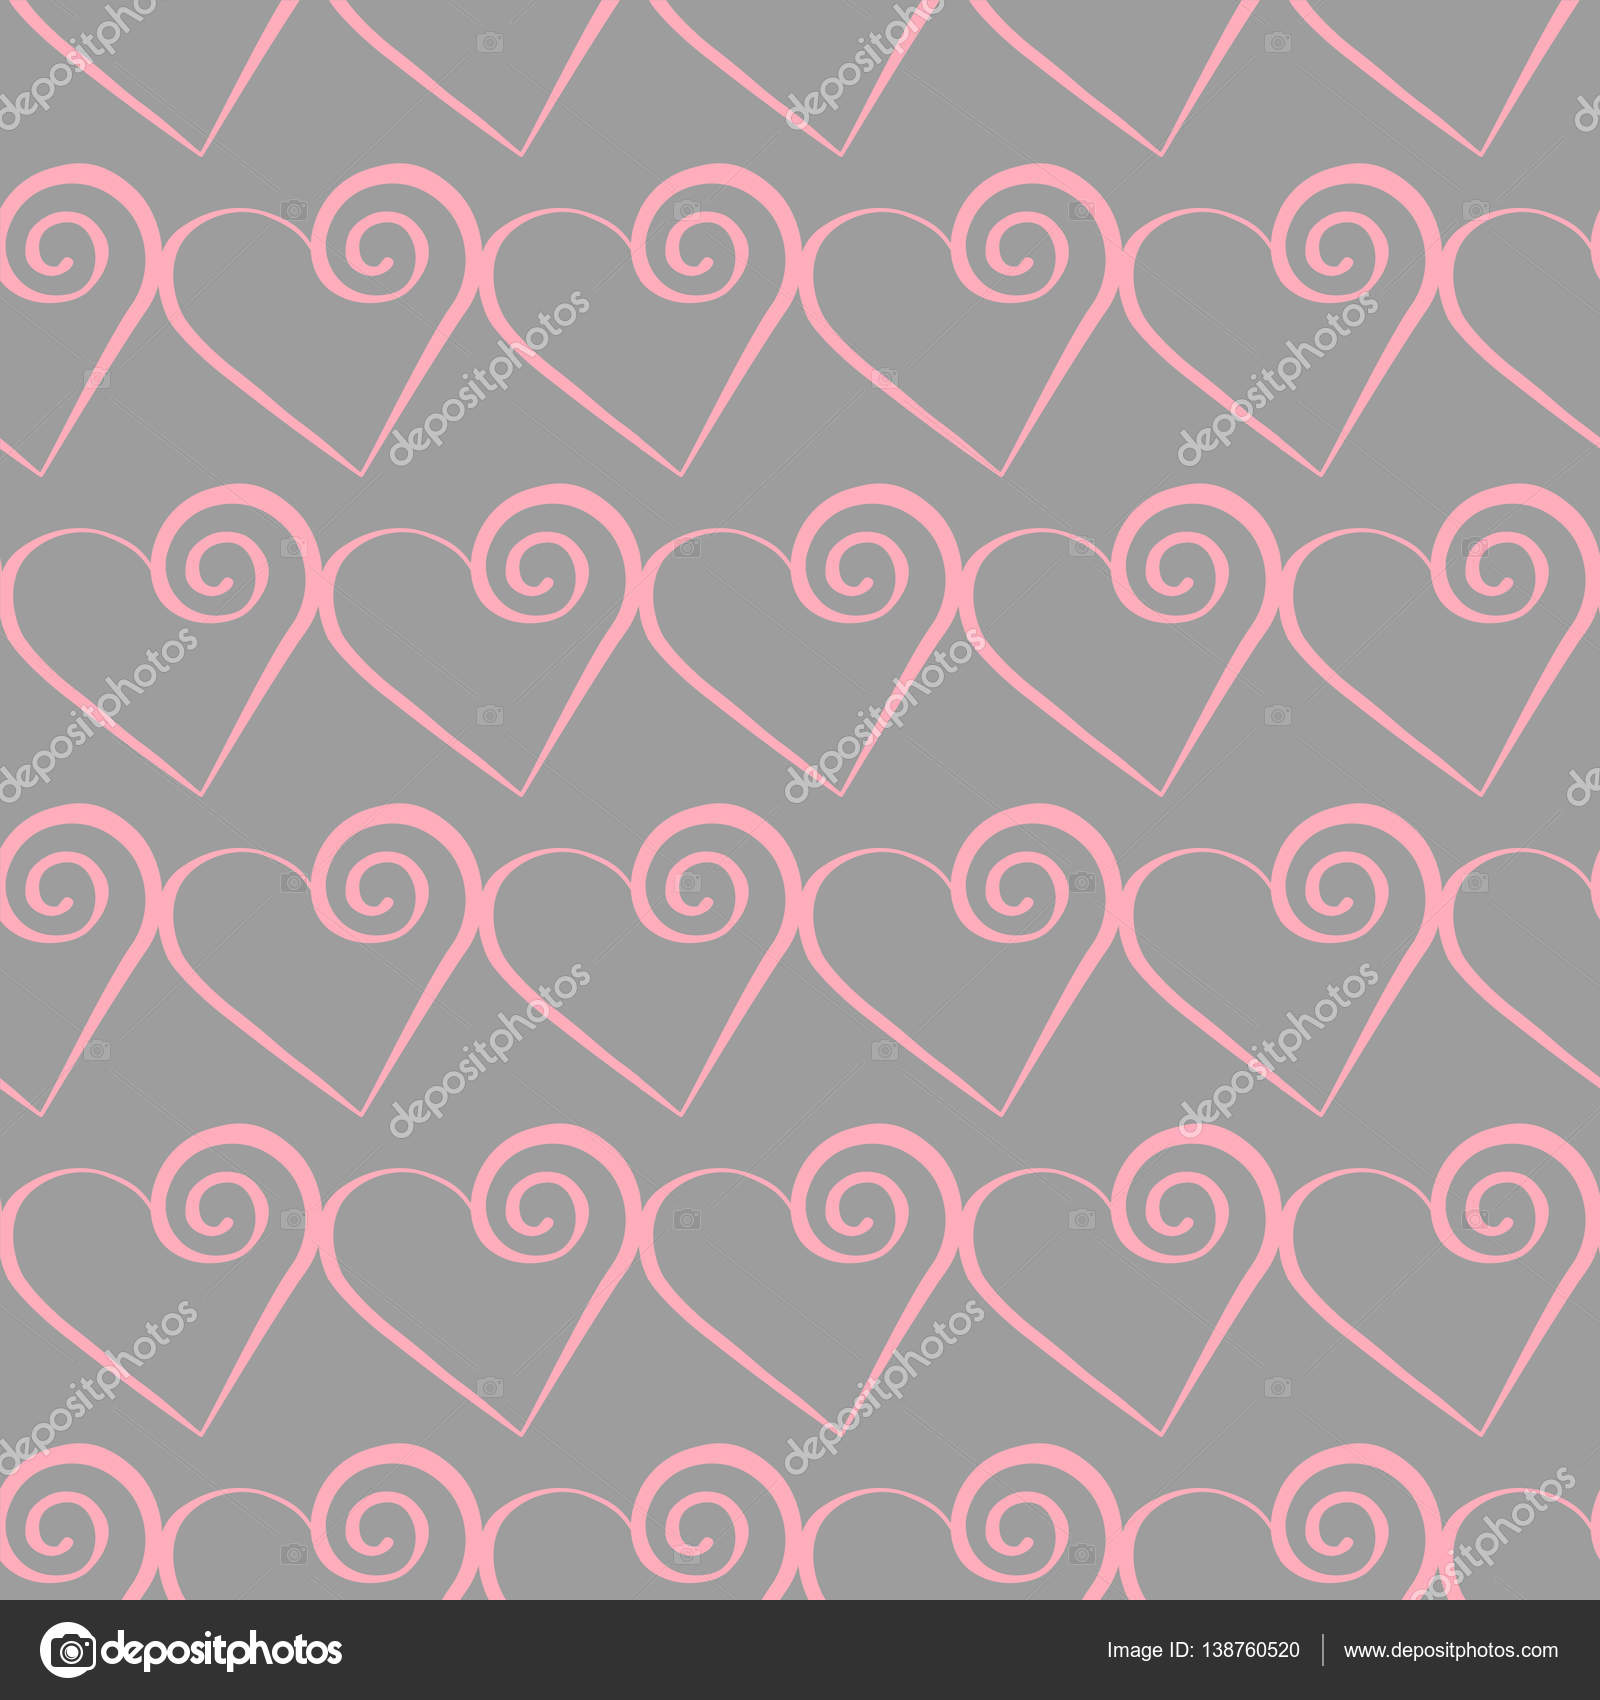 romantische rosa herz muster vektor illustration f r ferien design viele fliegende herzen auf. Black Bedroom Furniture Sets. Home Design Ideas